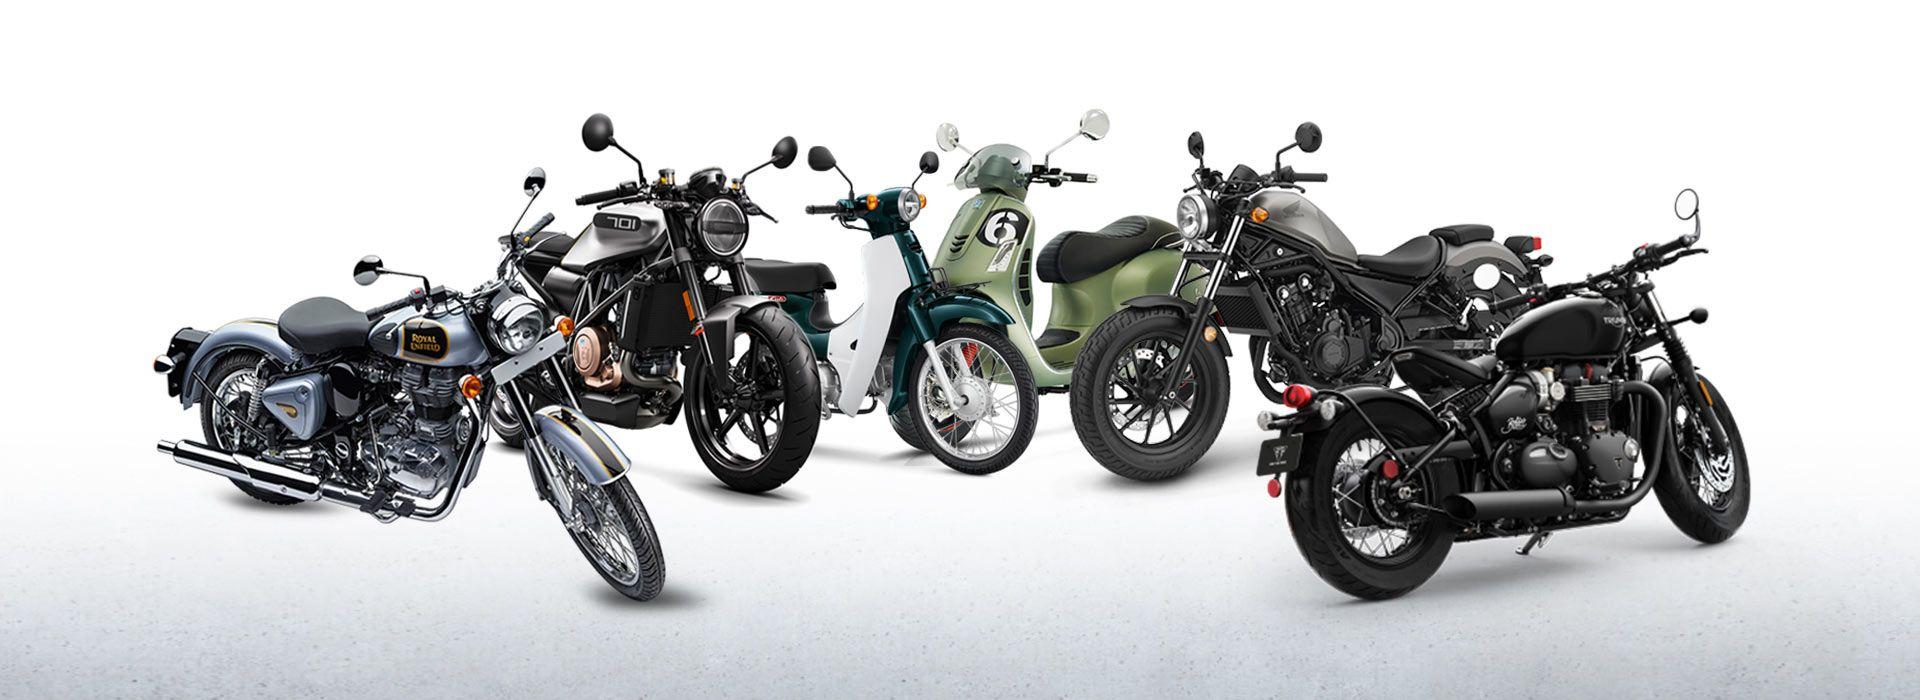 Ini Dia Pilihan Motor Motor Retro Klasik Terbaru 2018